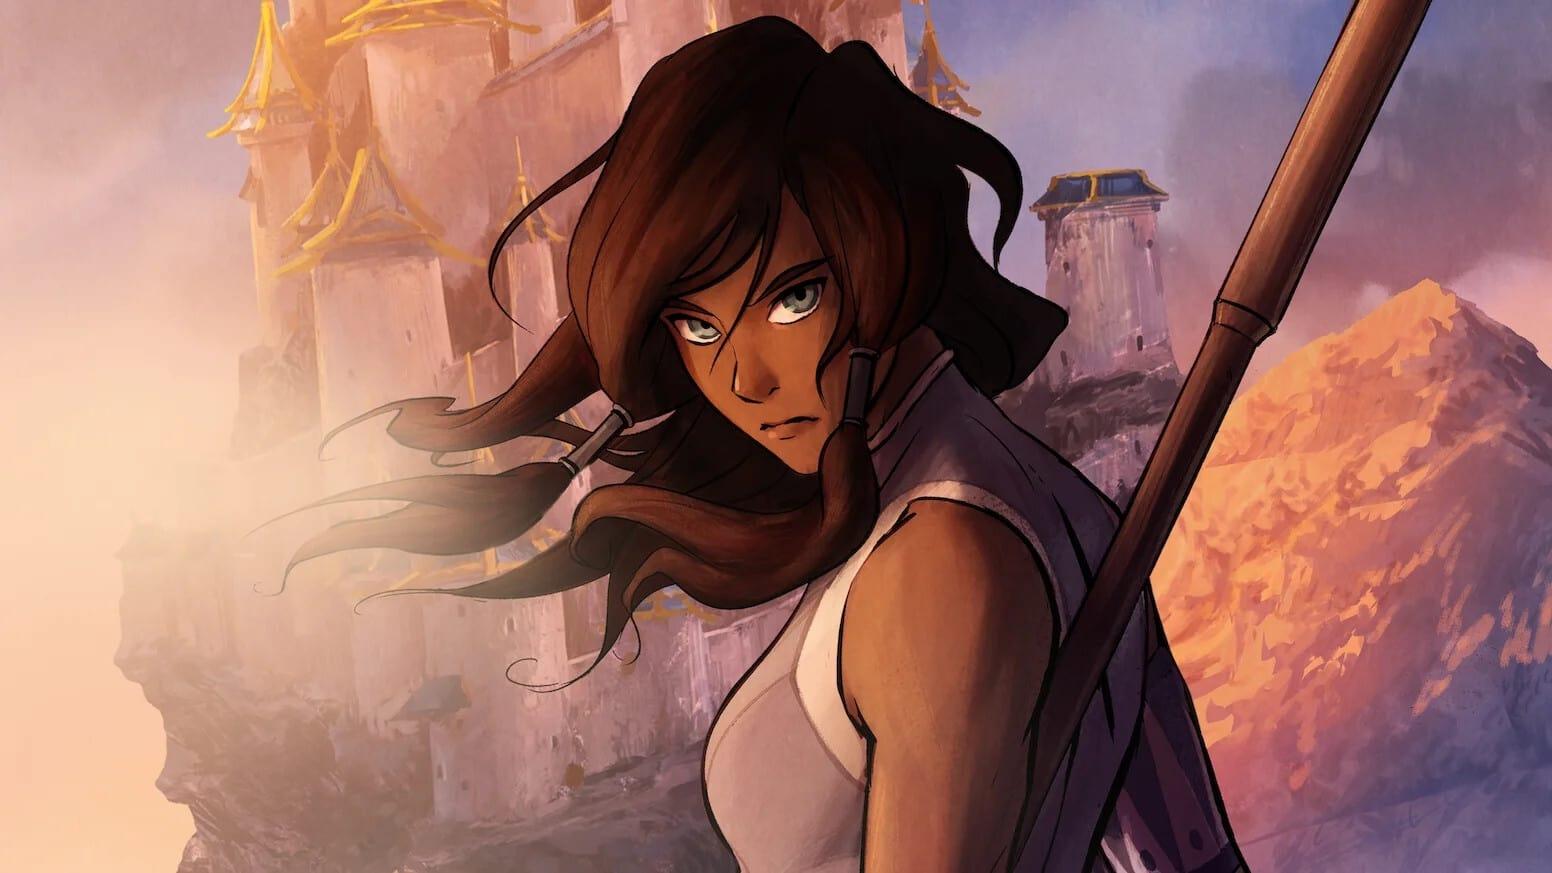 Maak kans op de complete serie van The Legend of Korra